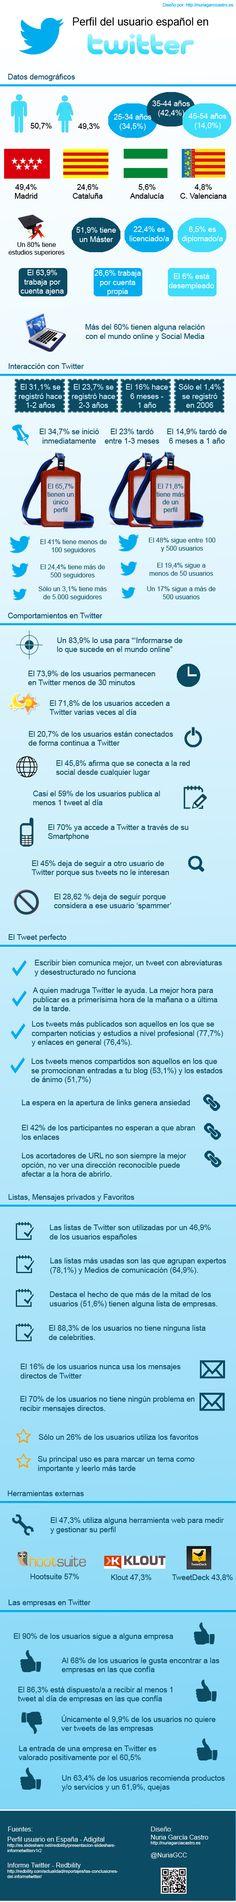 Perfil del usuario español en Twitter